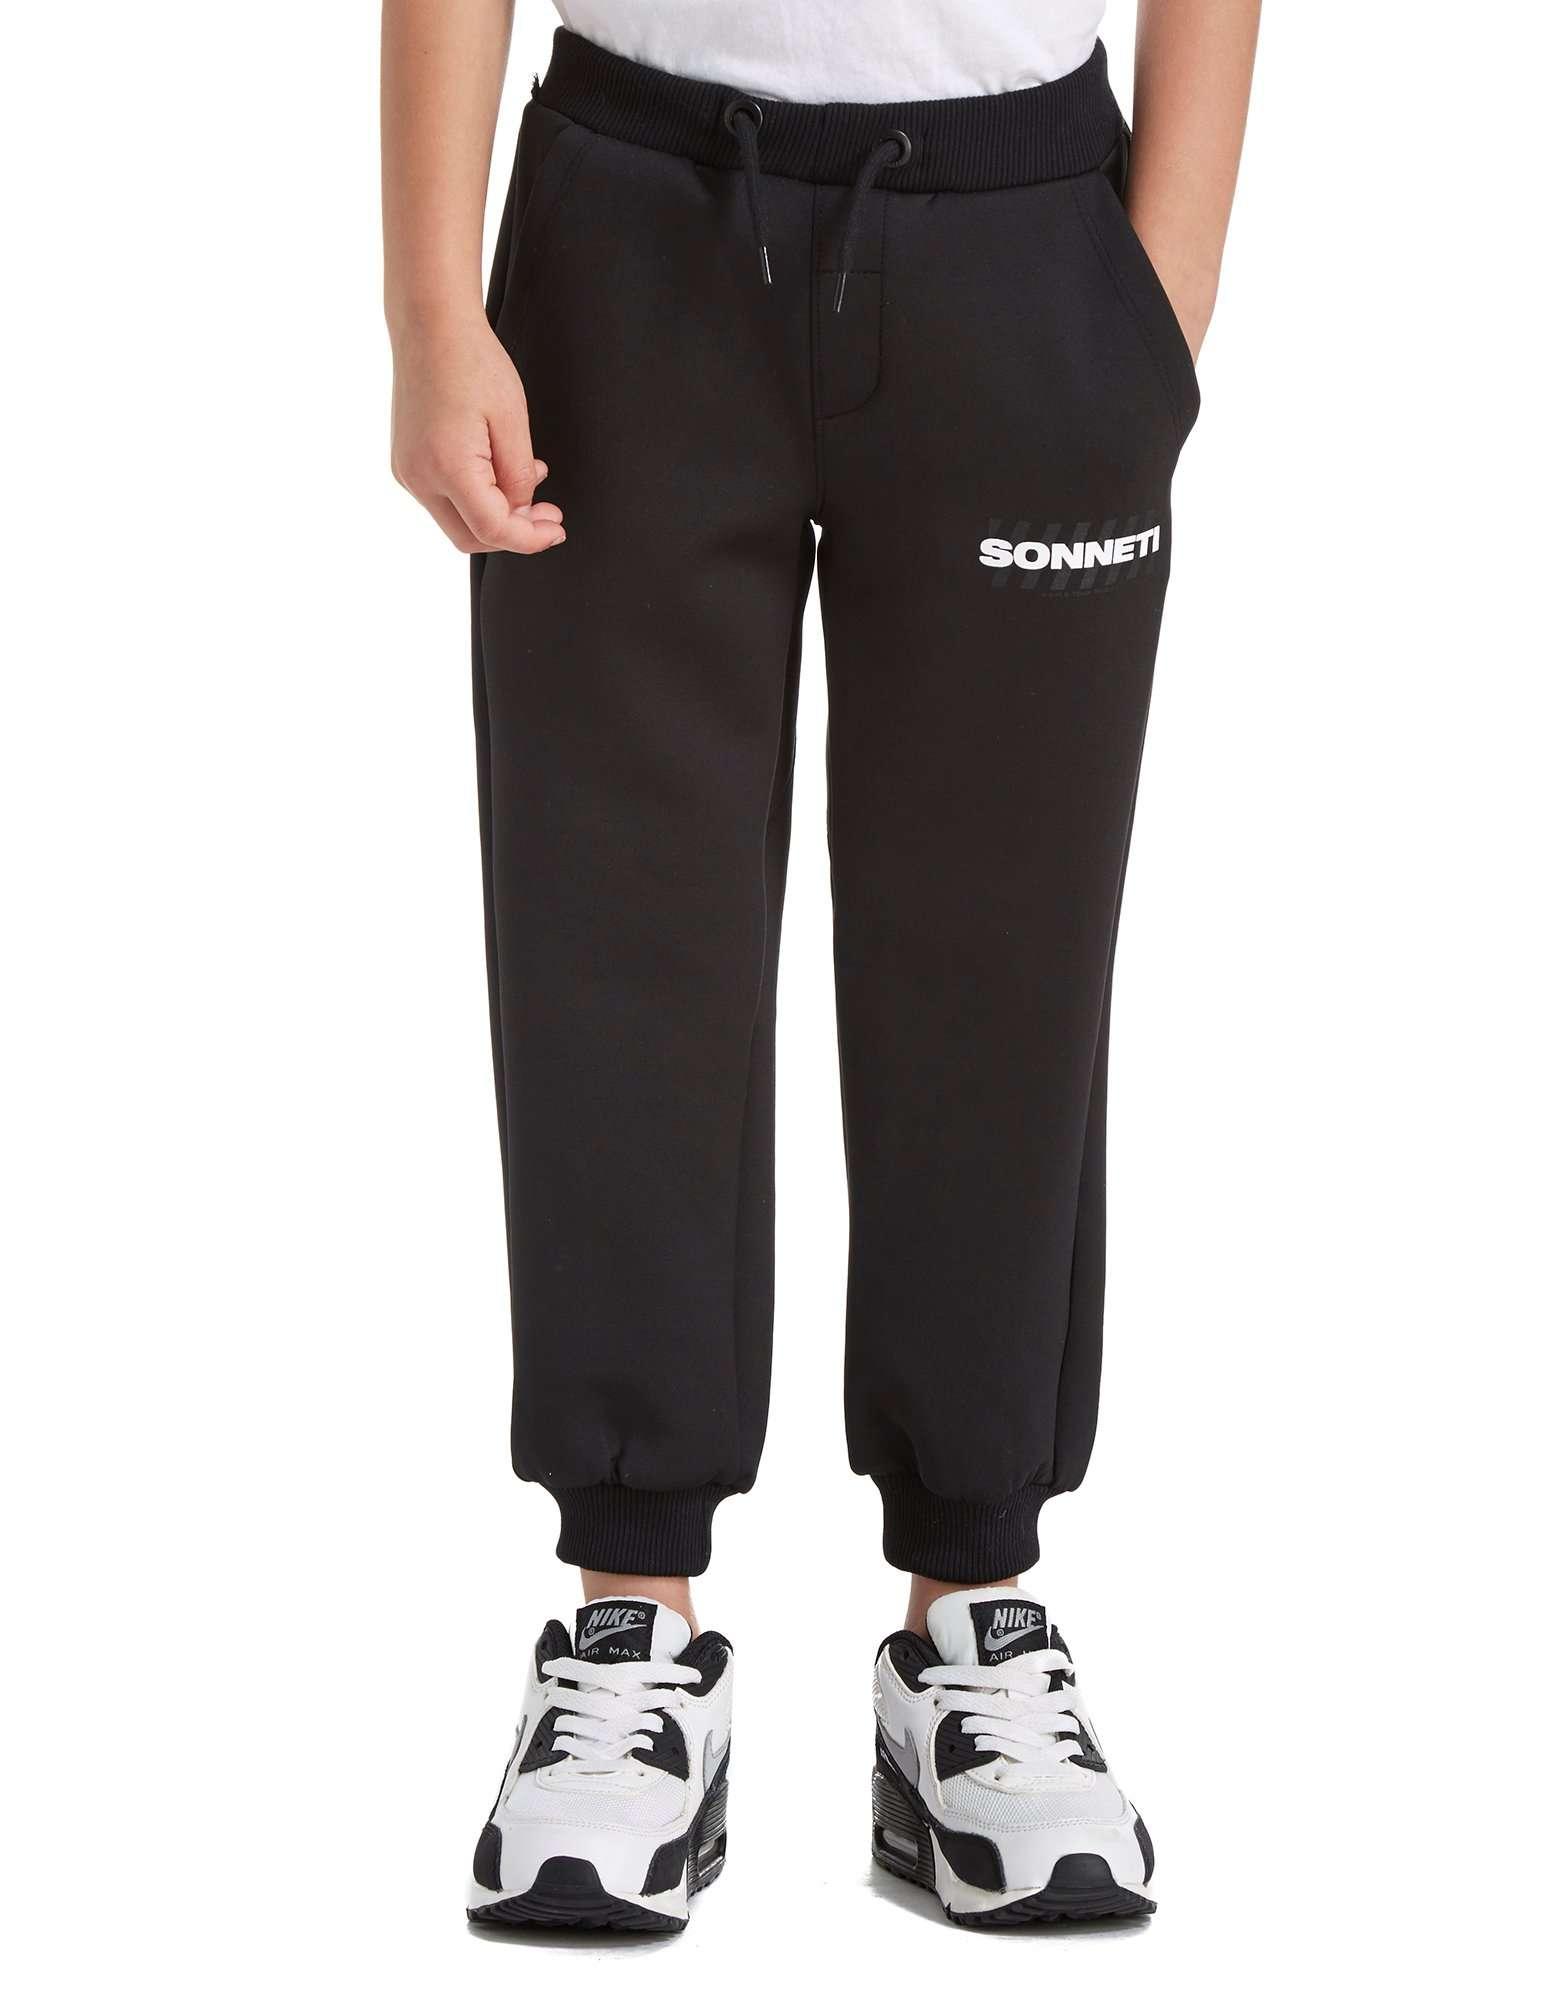 Sonneti Droid Track Pants Children